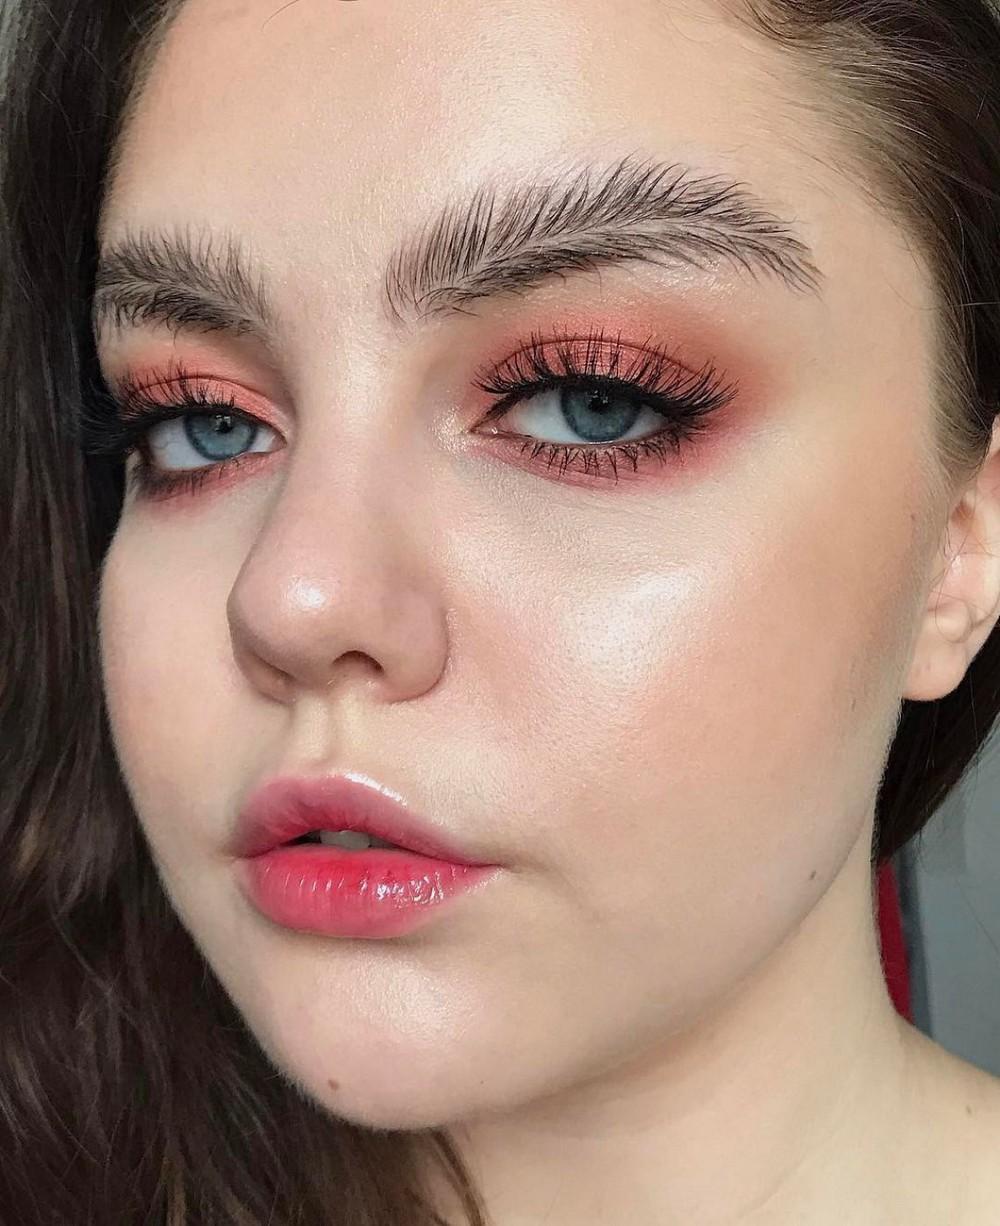 Брови-перья - новый модный тренд